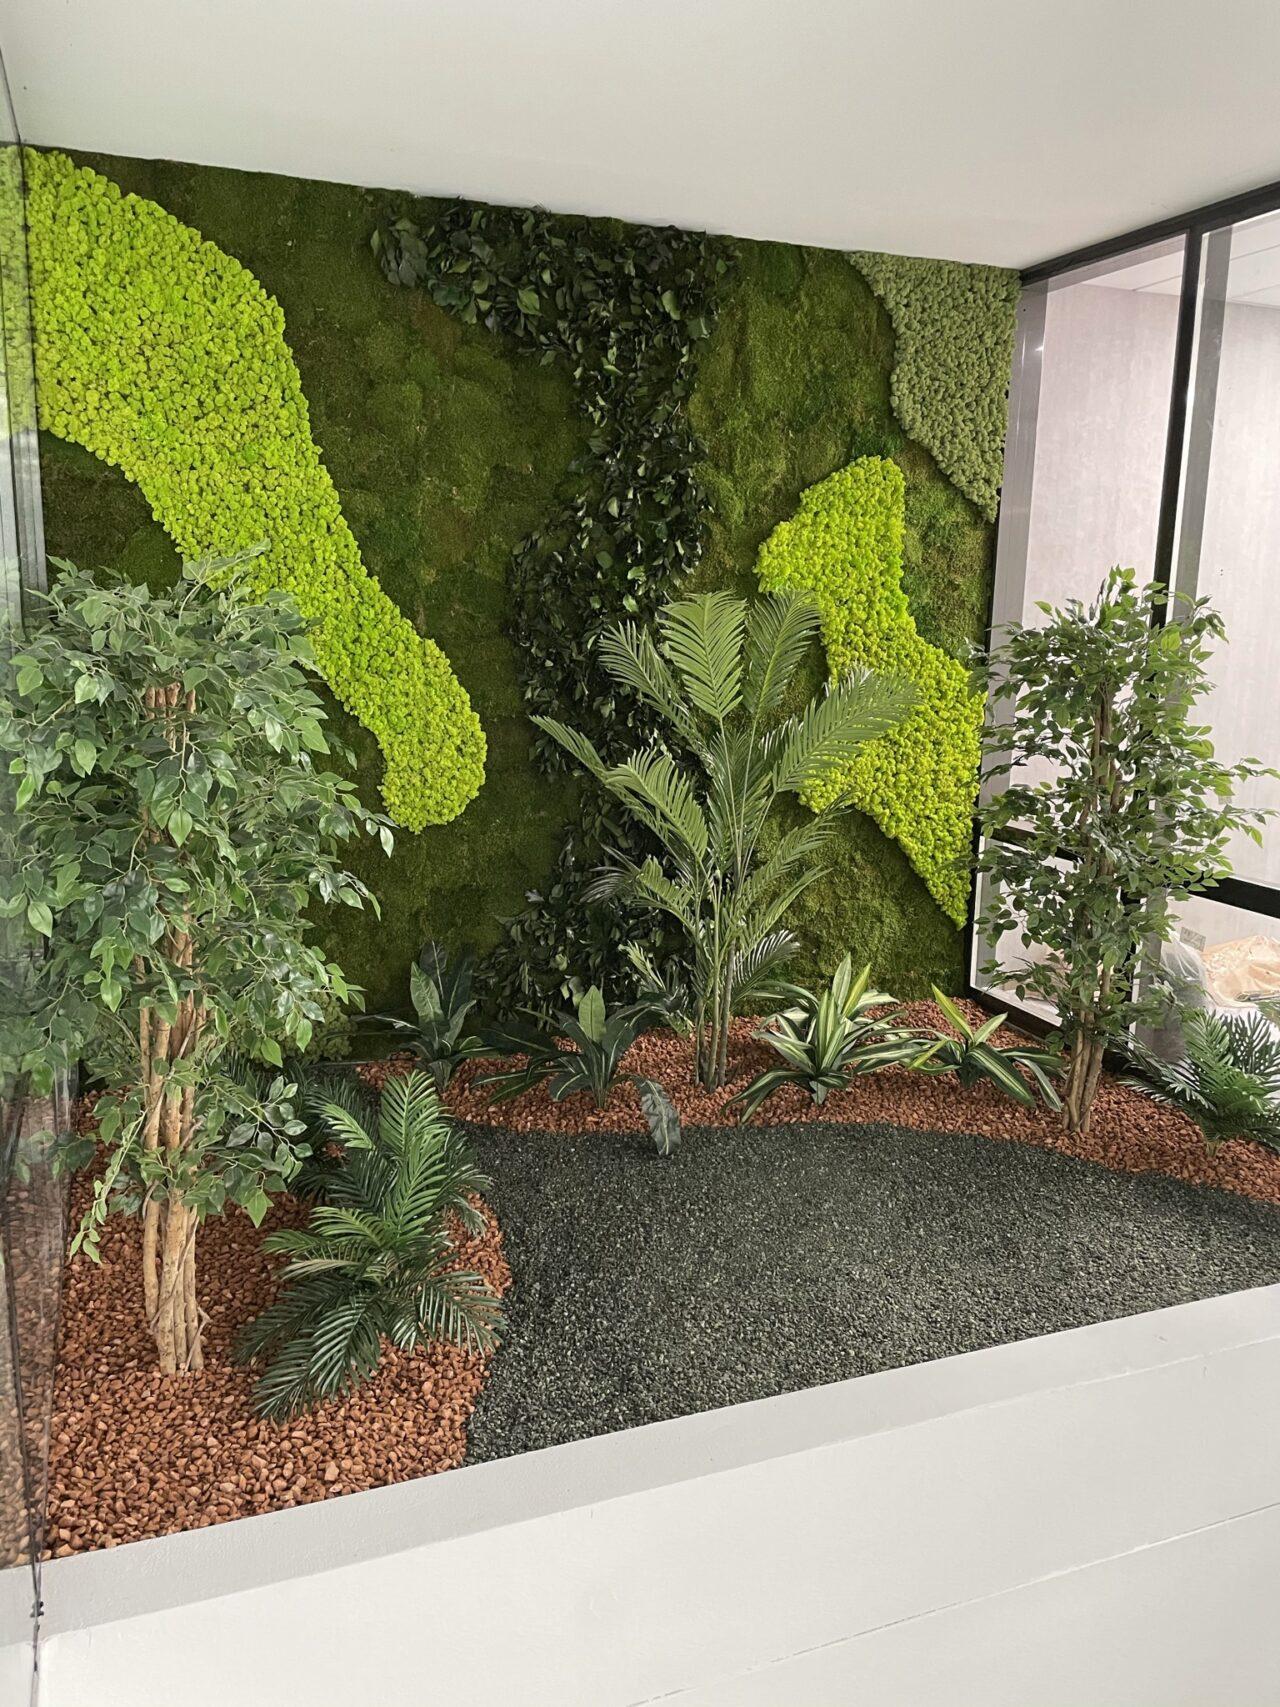 ΟΤΕ ΑΓΙΑΣ ΠΑΡΑΣΚΕΥΗΣ διατηρημένα φυτά